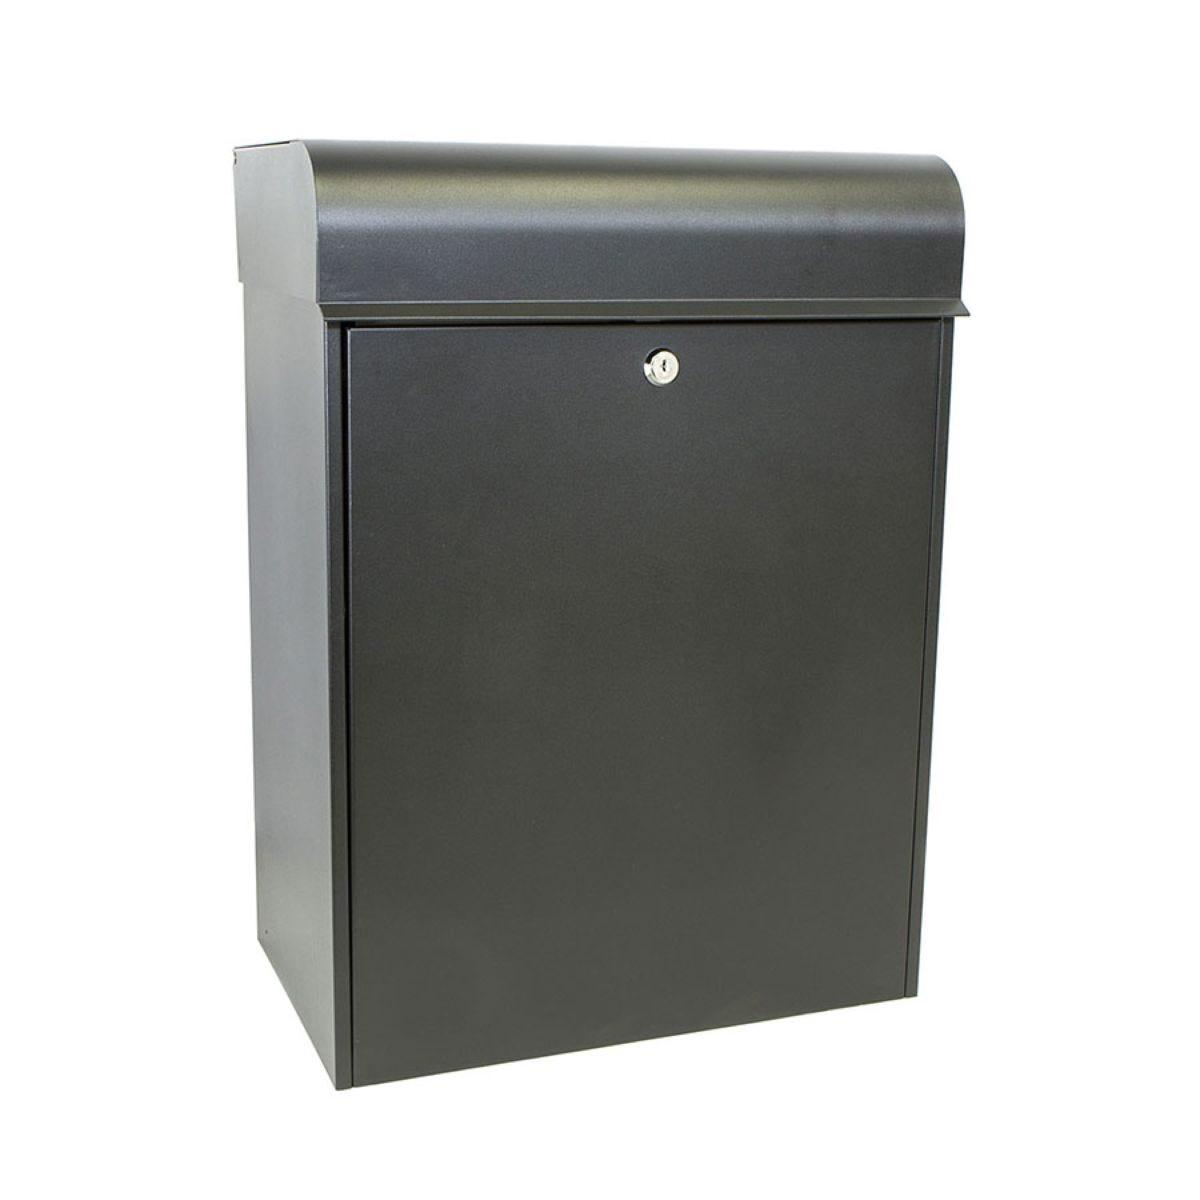 Sterling Heavy Duty Secure Parcel Box